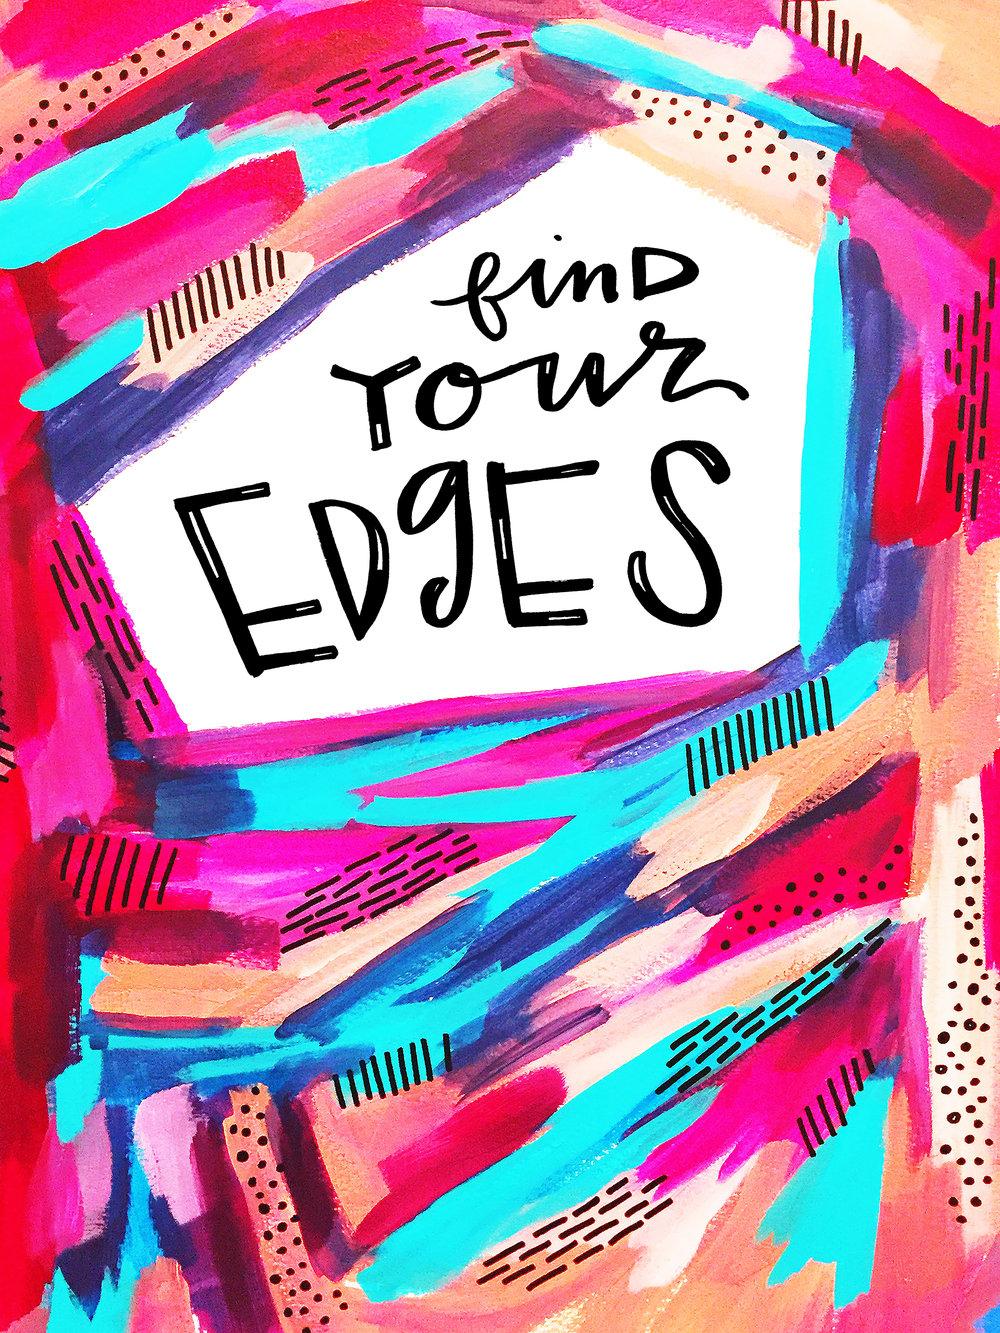 1/17/16: Edges